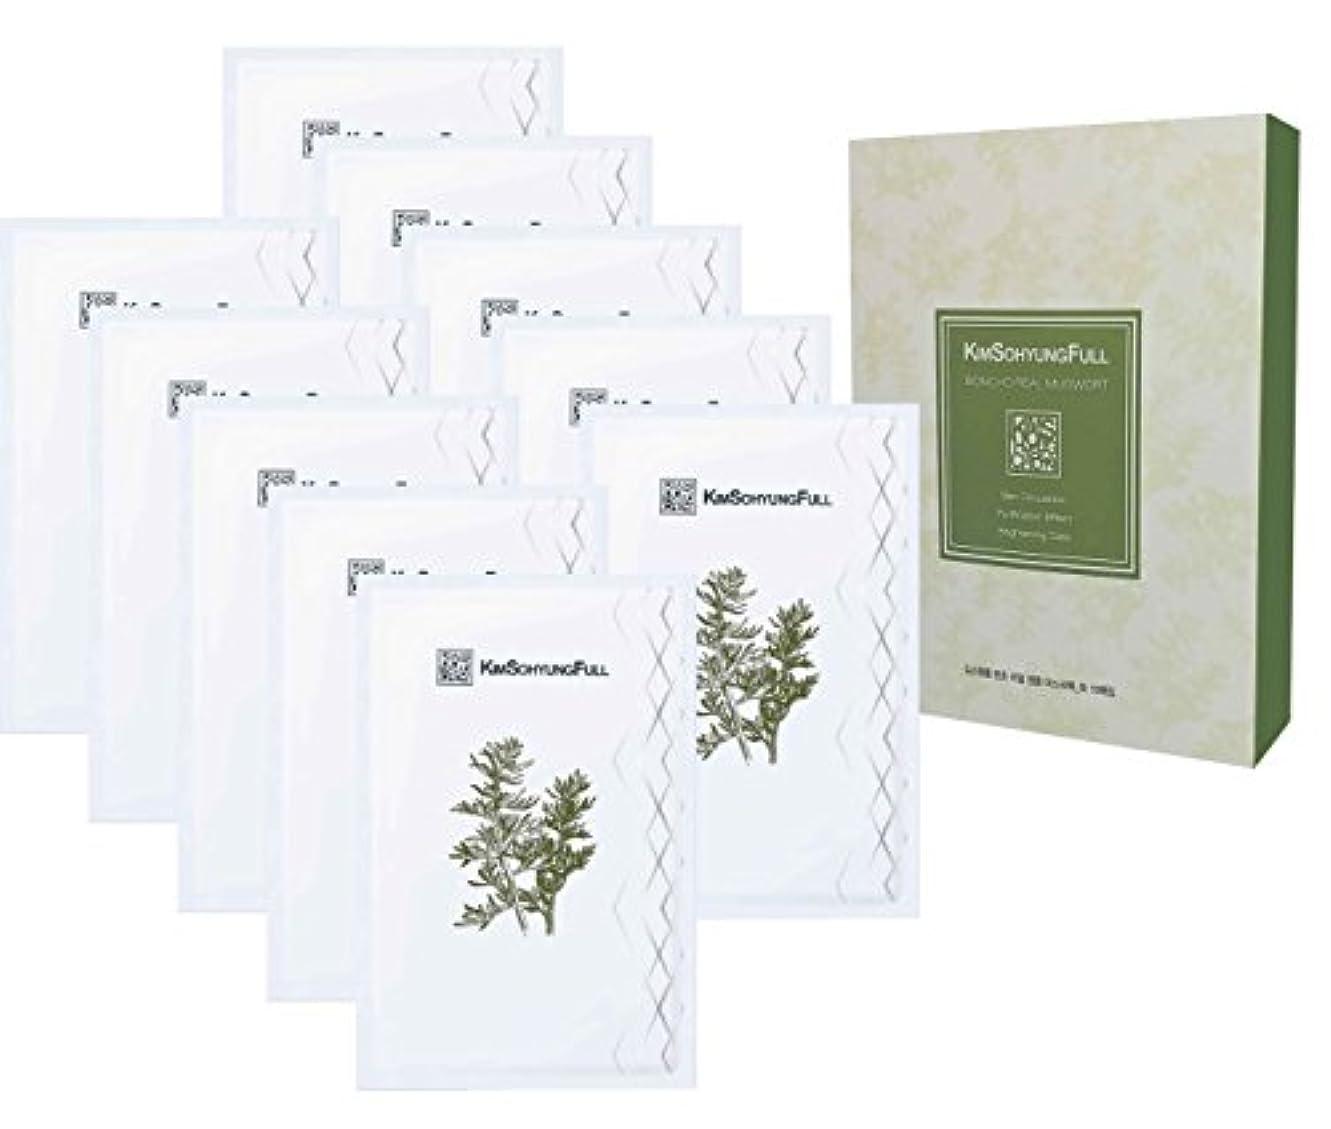 模倣相談する小さな[ギムソヒョンフル] 本草 本物のヨモギを使ったシートマスク10枚パック -本物のヨモギの葉を8%配合、革新的な3層式の100%天然植物由来シート、23ml / 0.77液体オンス